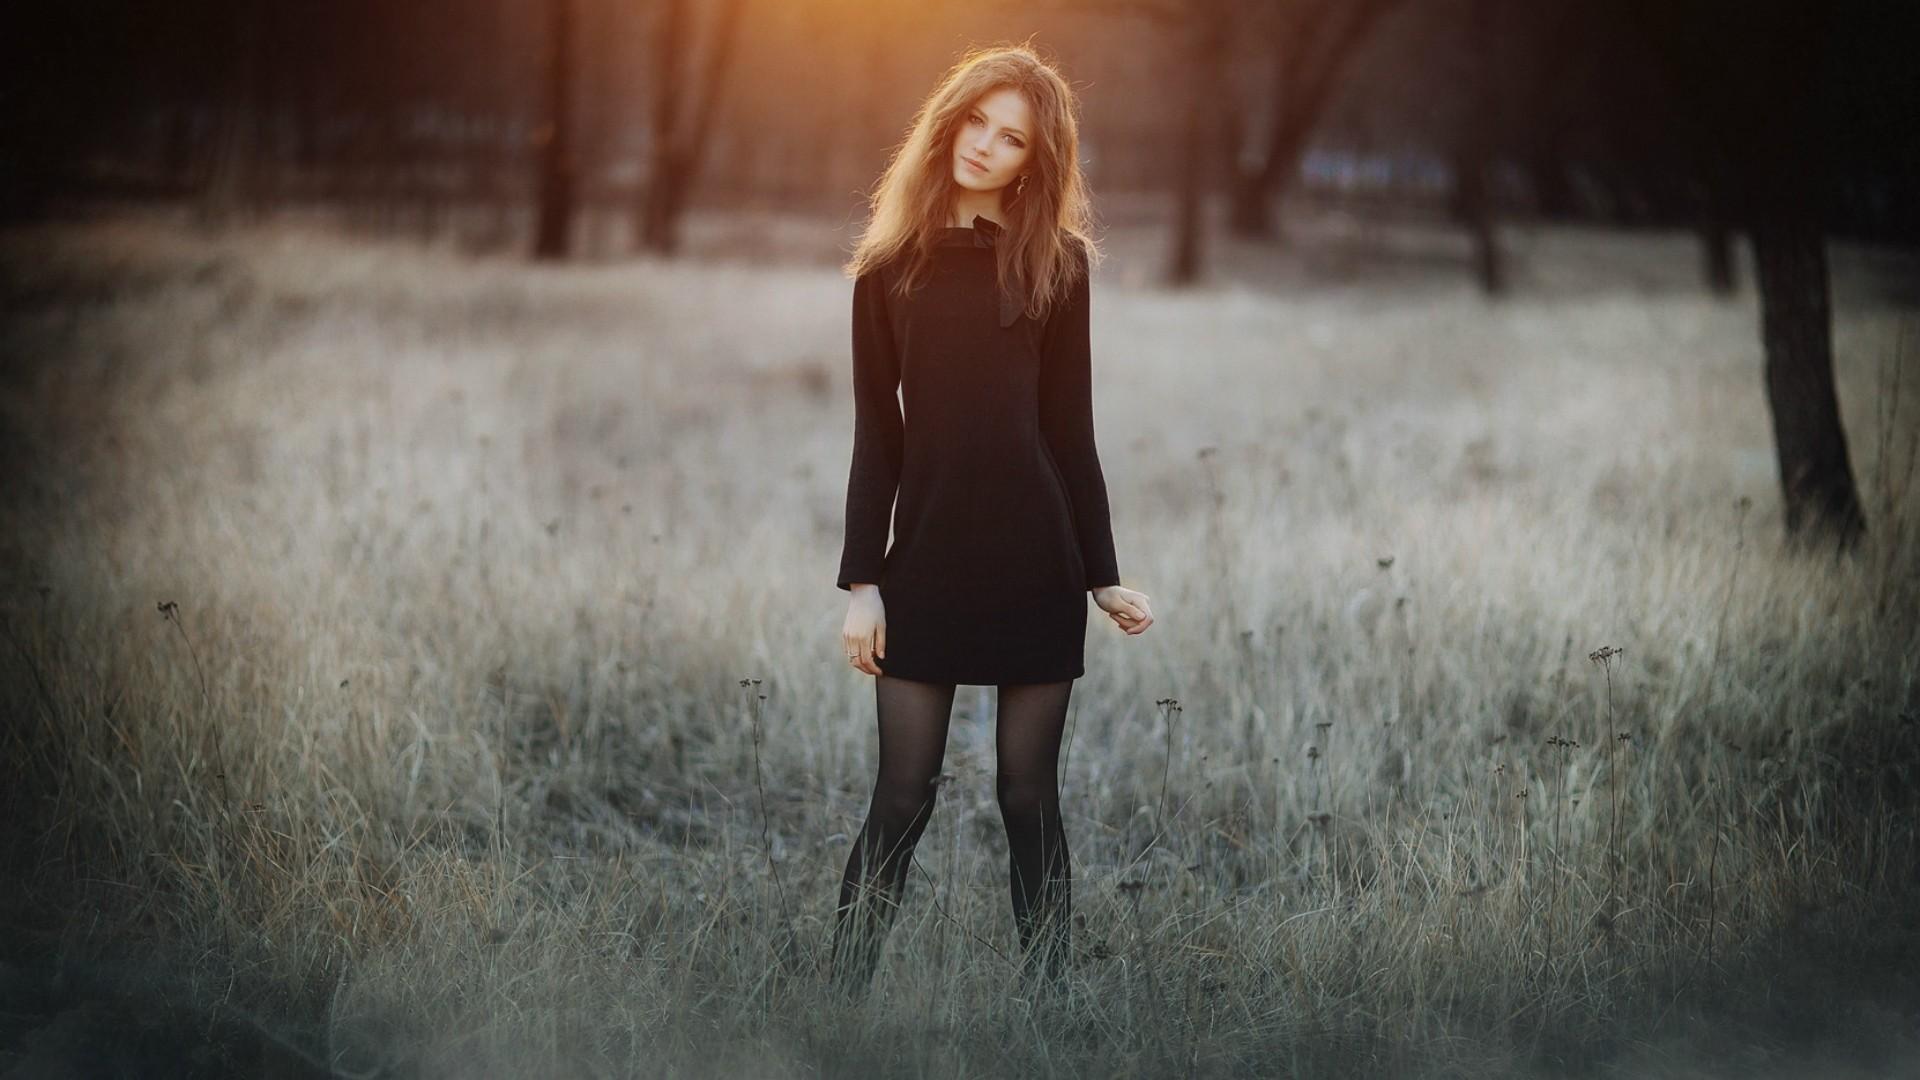 Ksenia Malinina